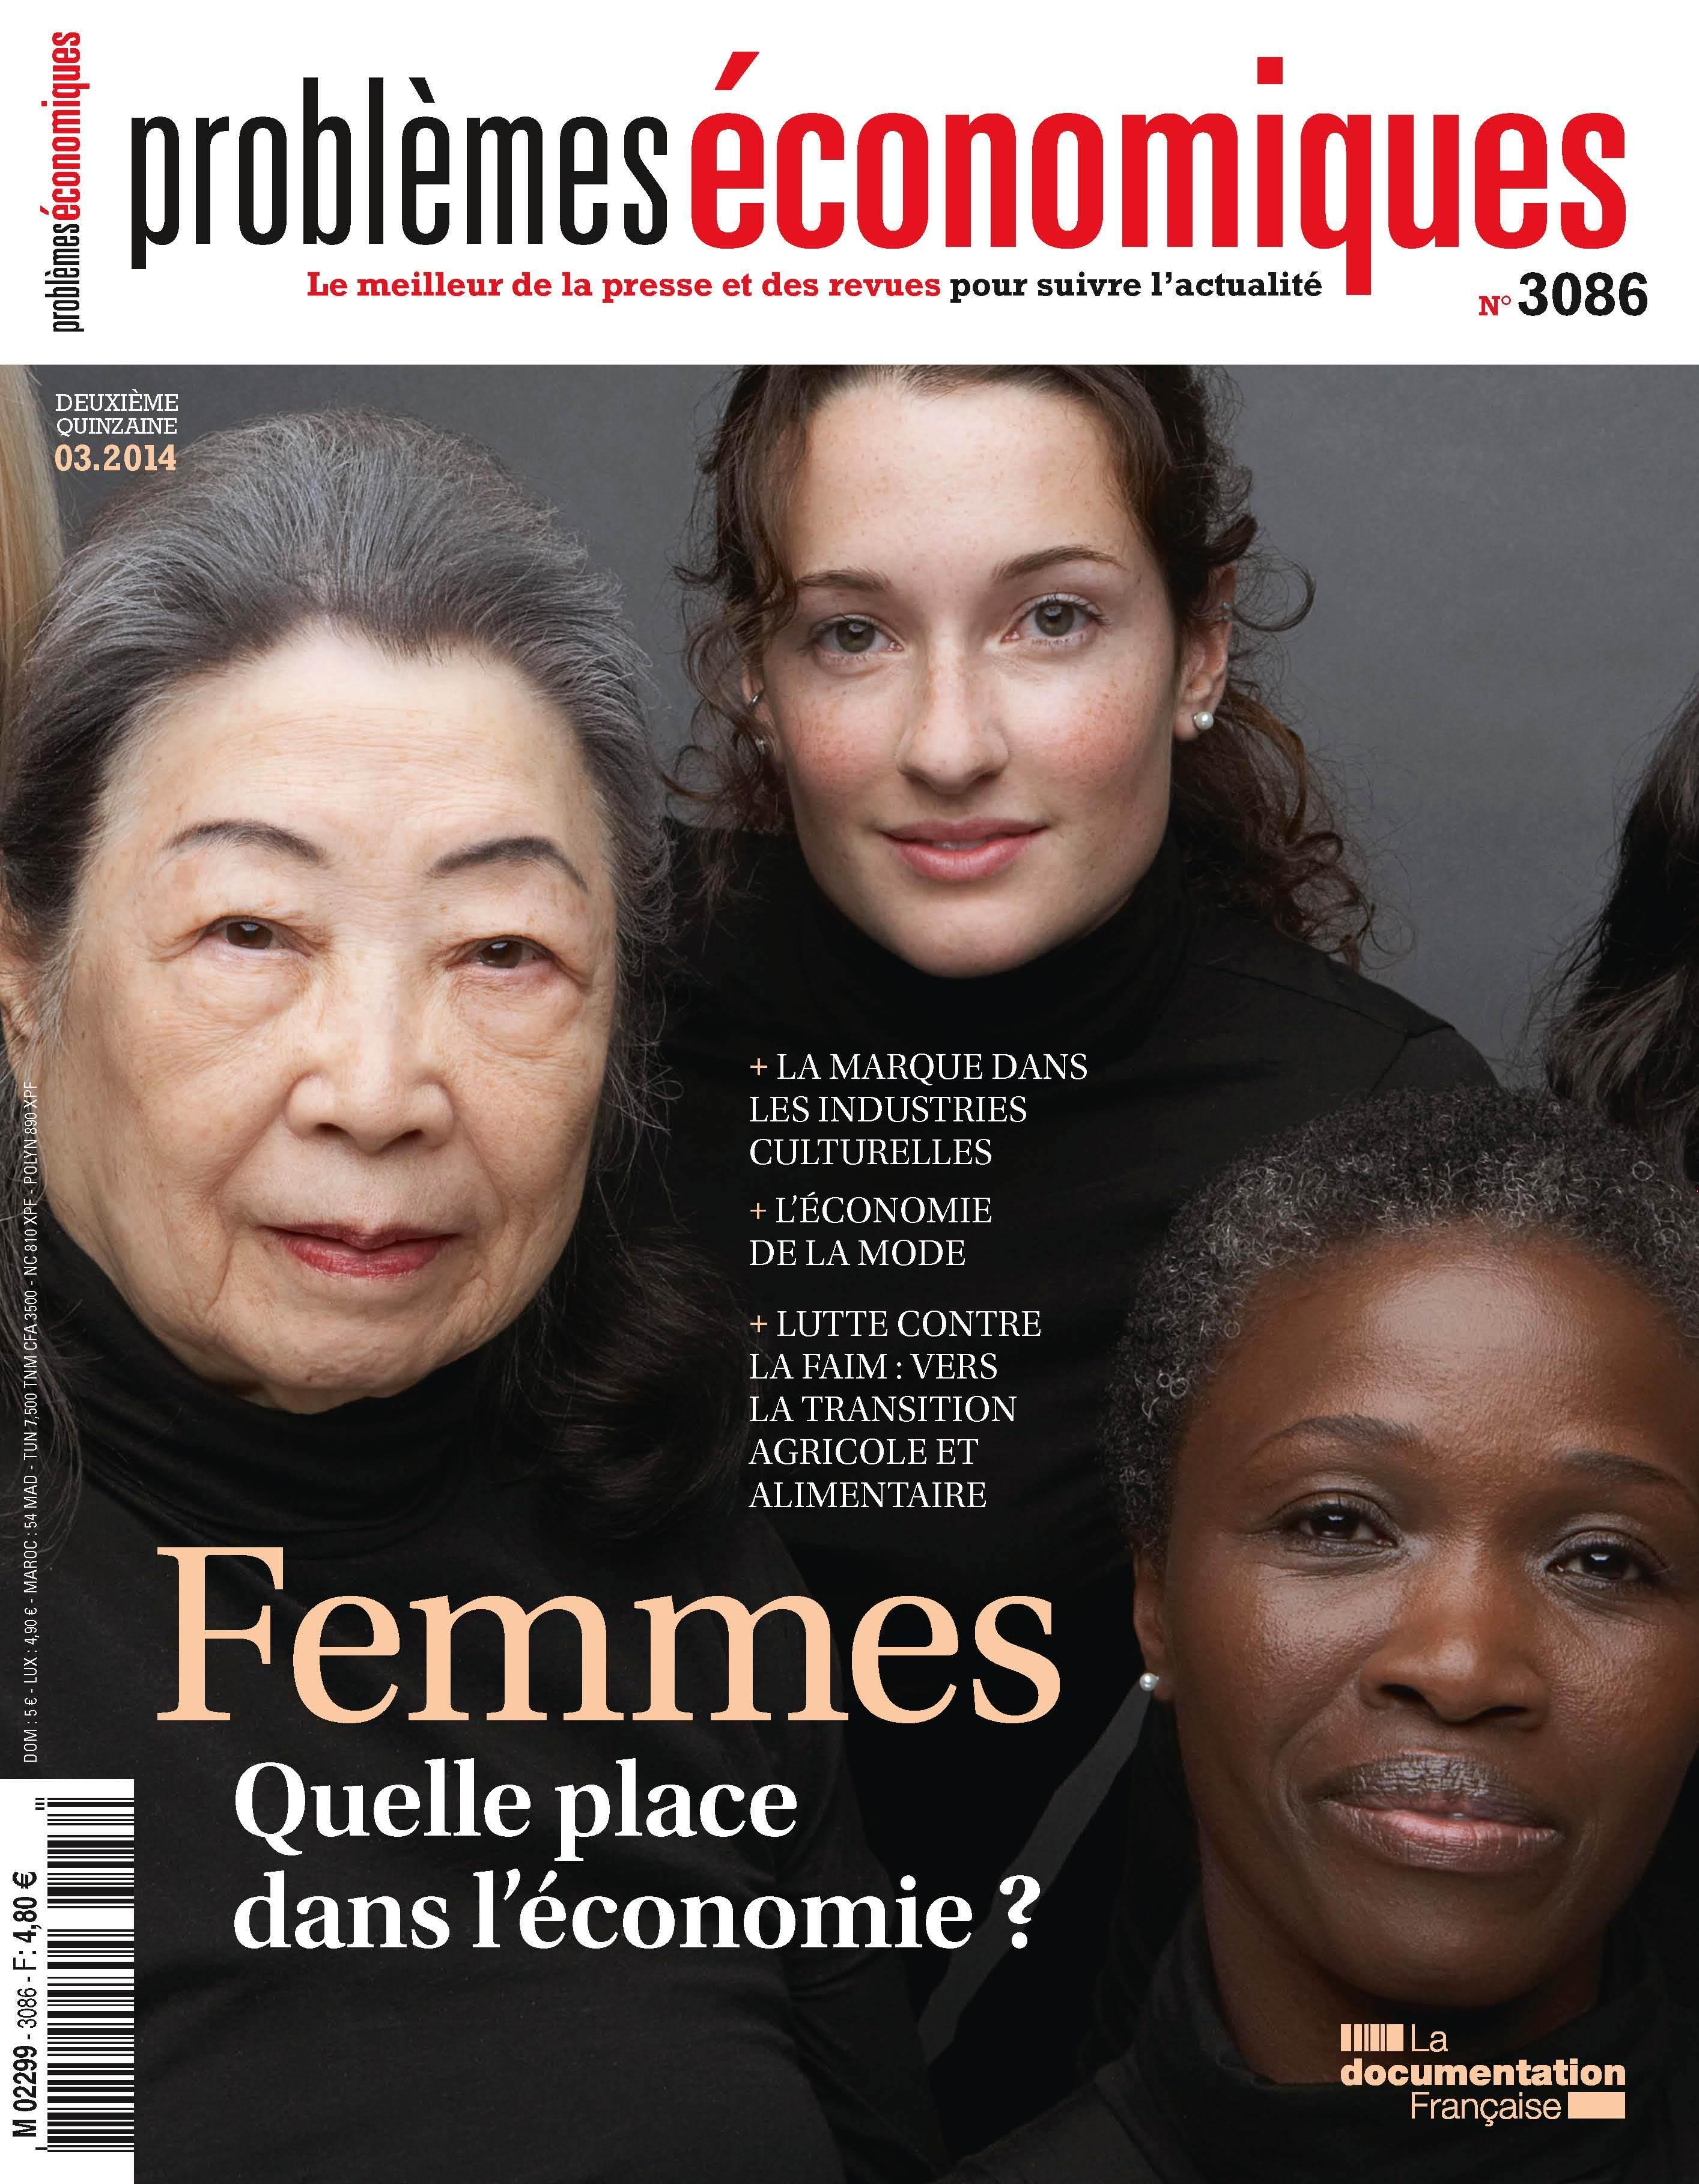 FEMMES QUELLE PLACE DANS L'ECONOMIE ?-PE 3086